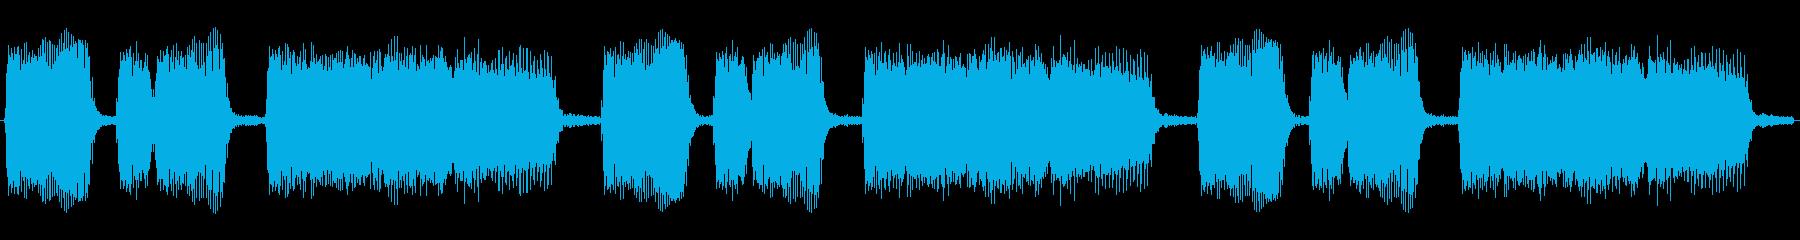 危機場面に流れそうなエレキギターのループの再生済みの波形